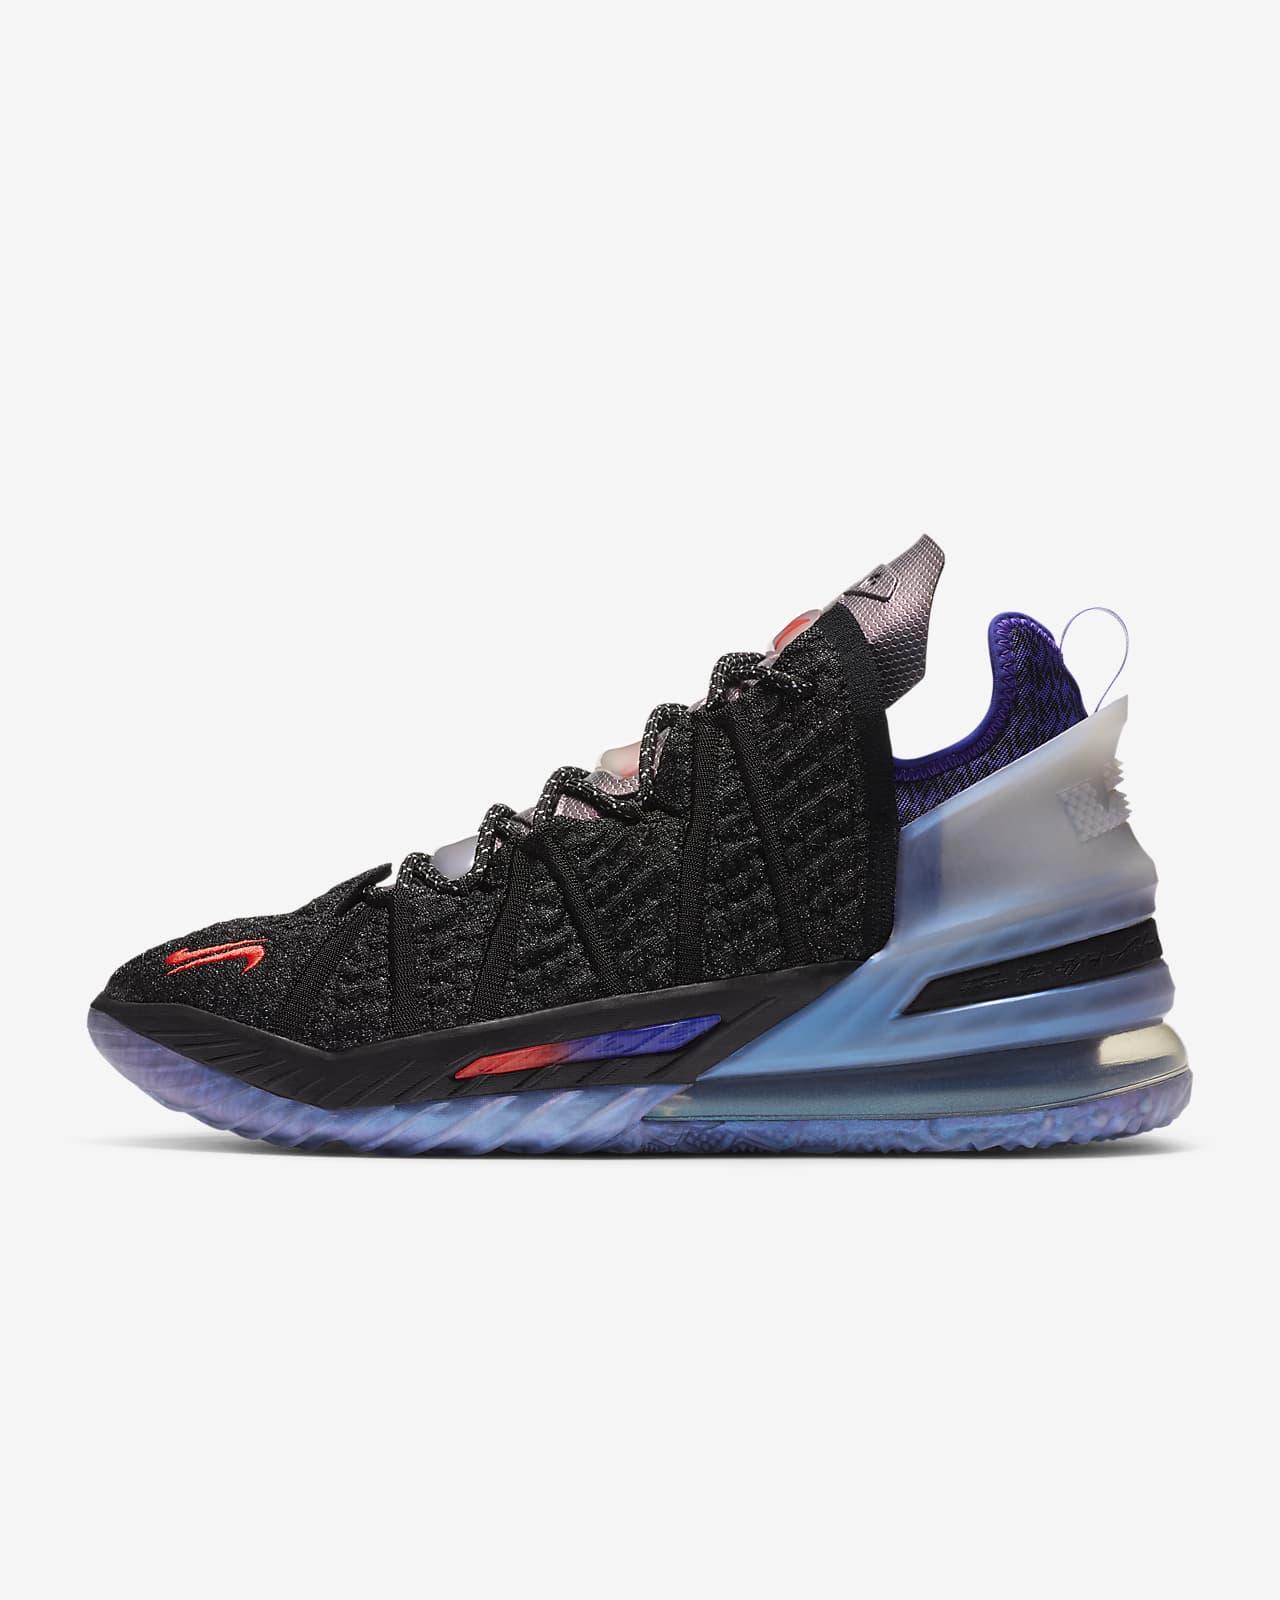 Chaussure de basketball LeBron 18 « The Chosen 2 »